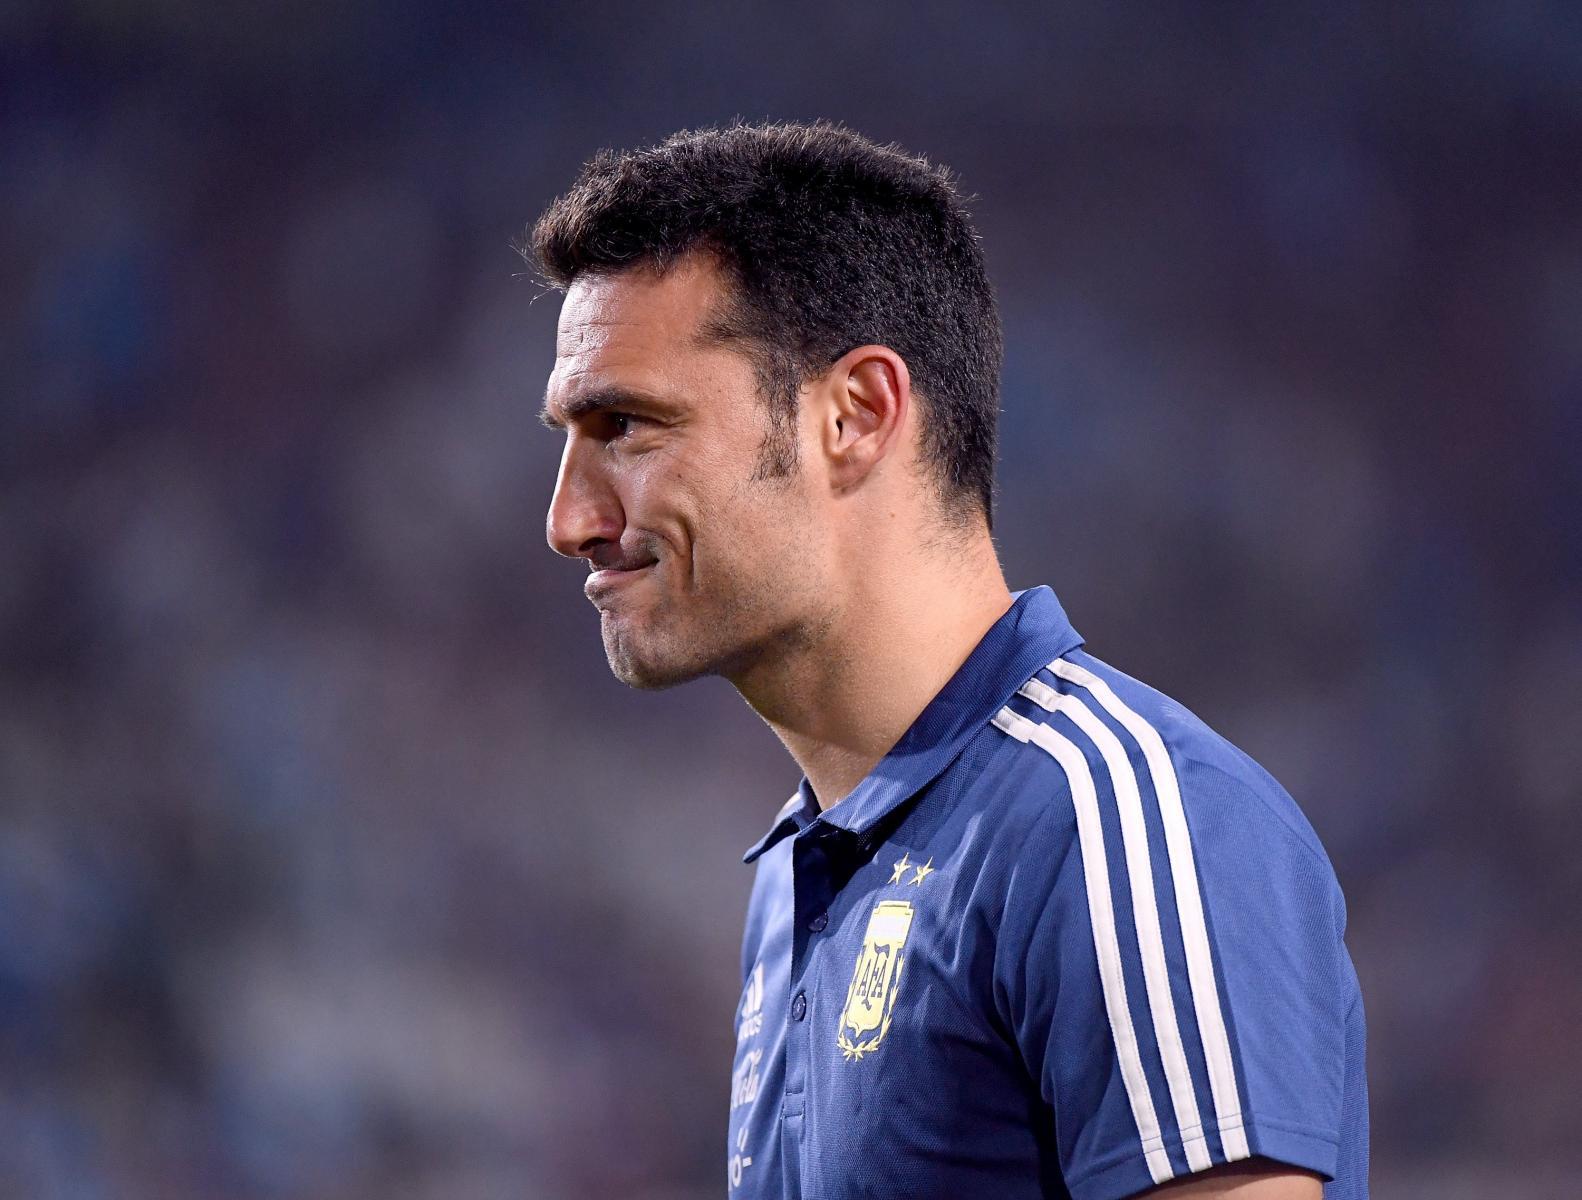 Тренера сборной Аргентины по футболу сбил автомобиль